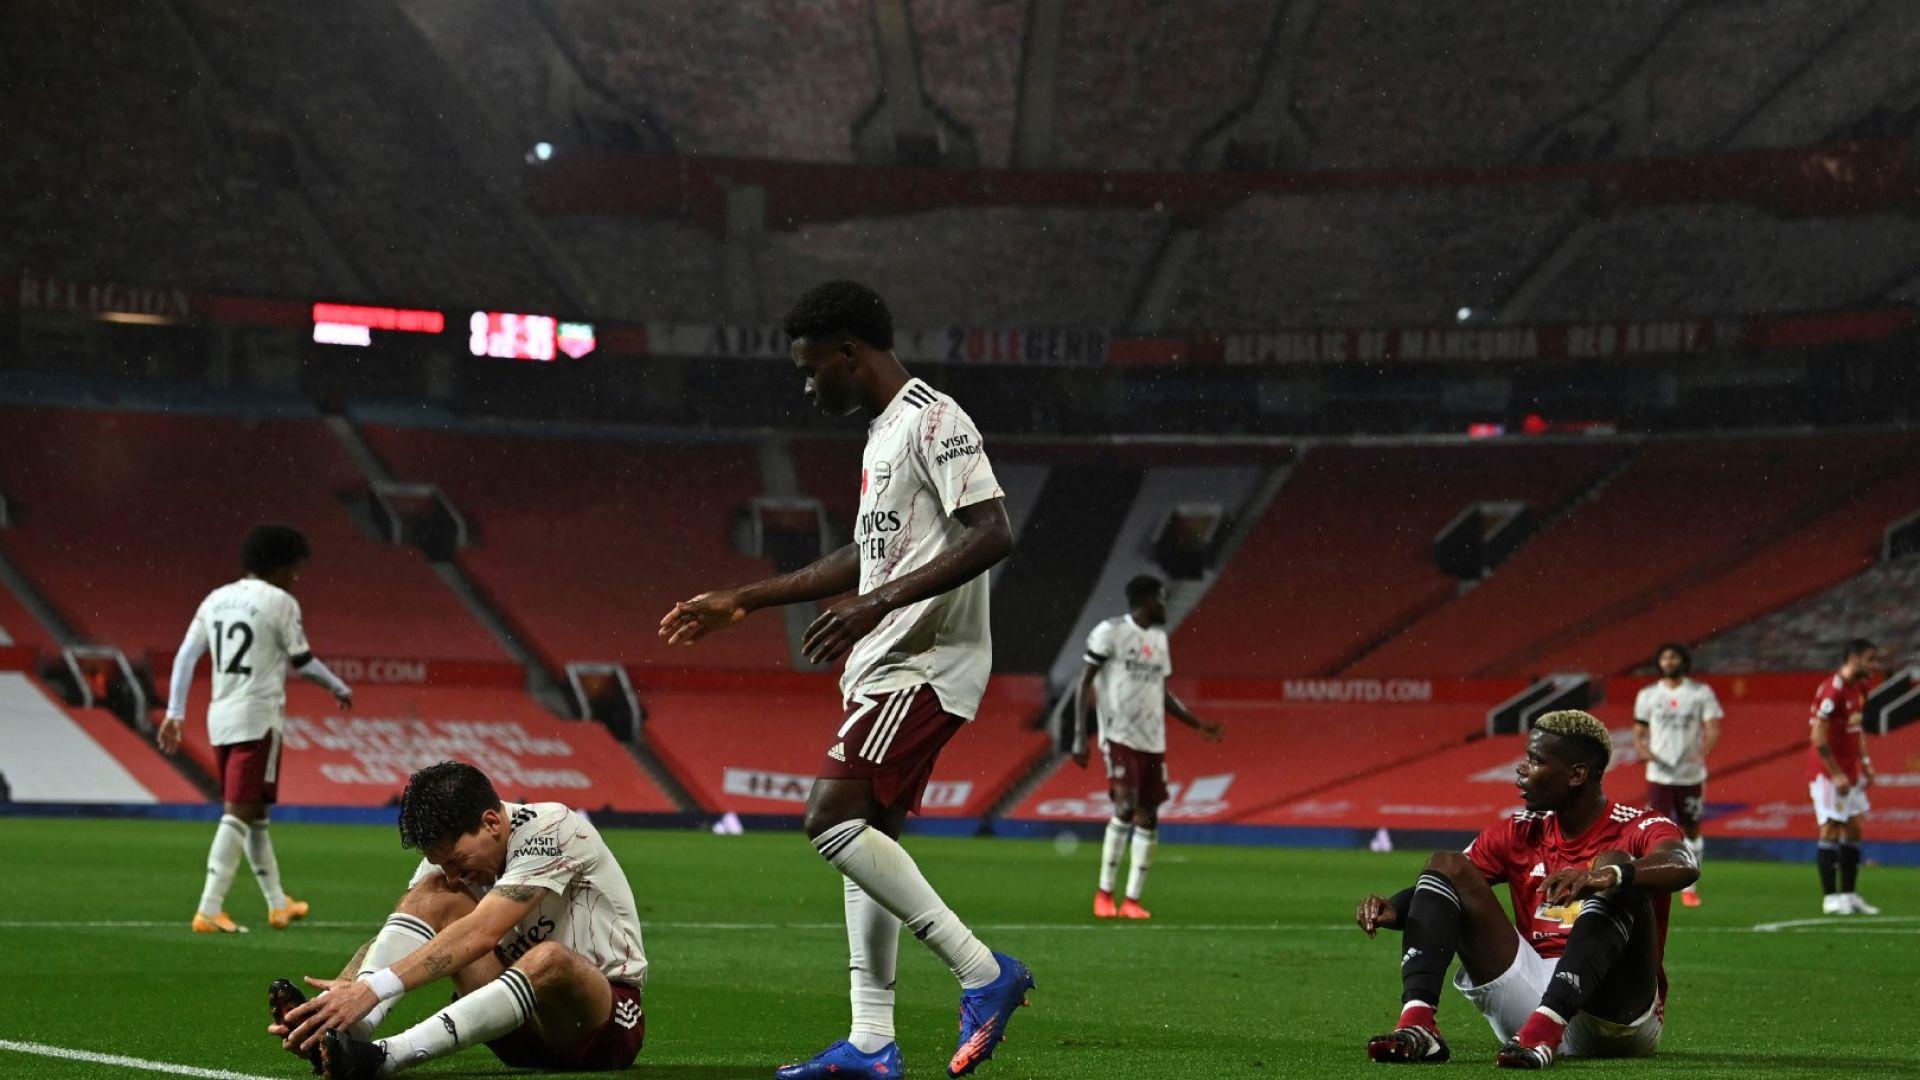 Голмайстор №1 на Висшата лига предрече мрачни дни за Арсенал: Не съм сигурен, че ще оцелеят